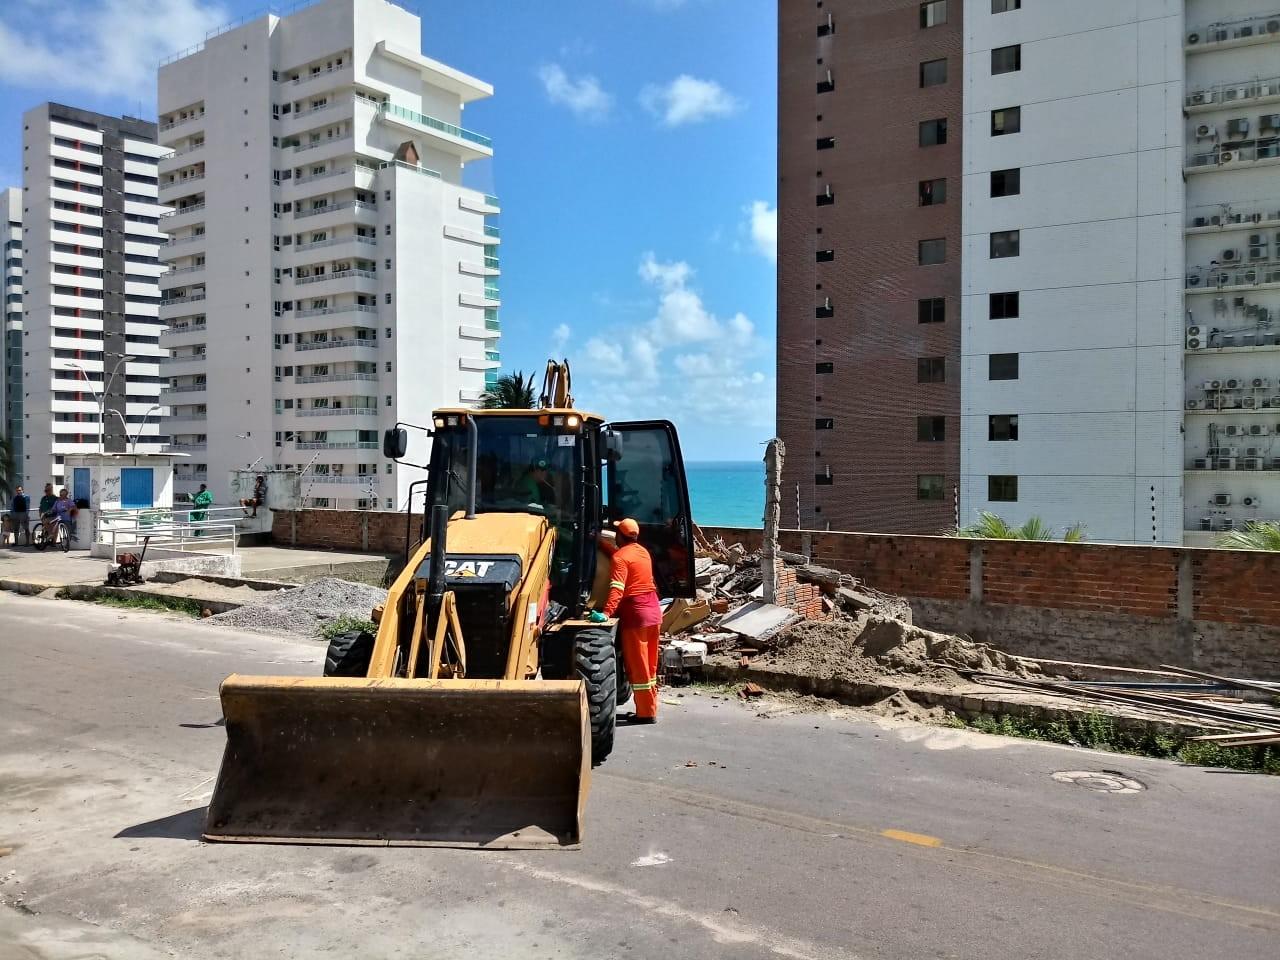 Prefeitura de Natal demole construção irregular em rua que foi cenário de tragédia no bairro de Mãe Luiza em 2014